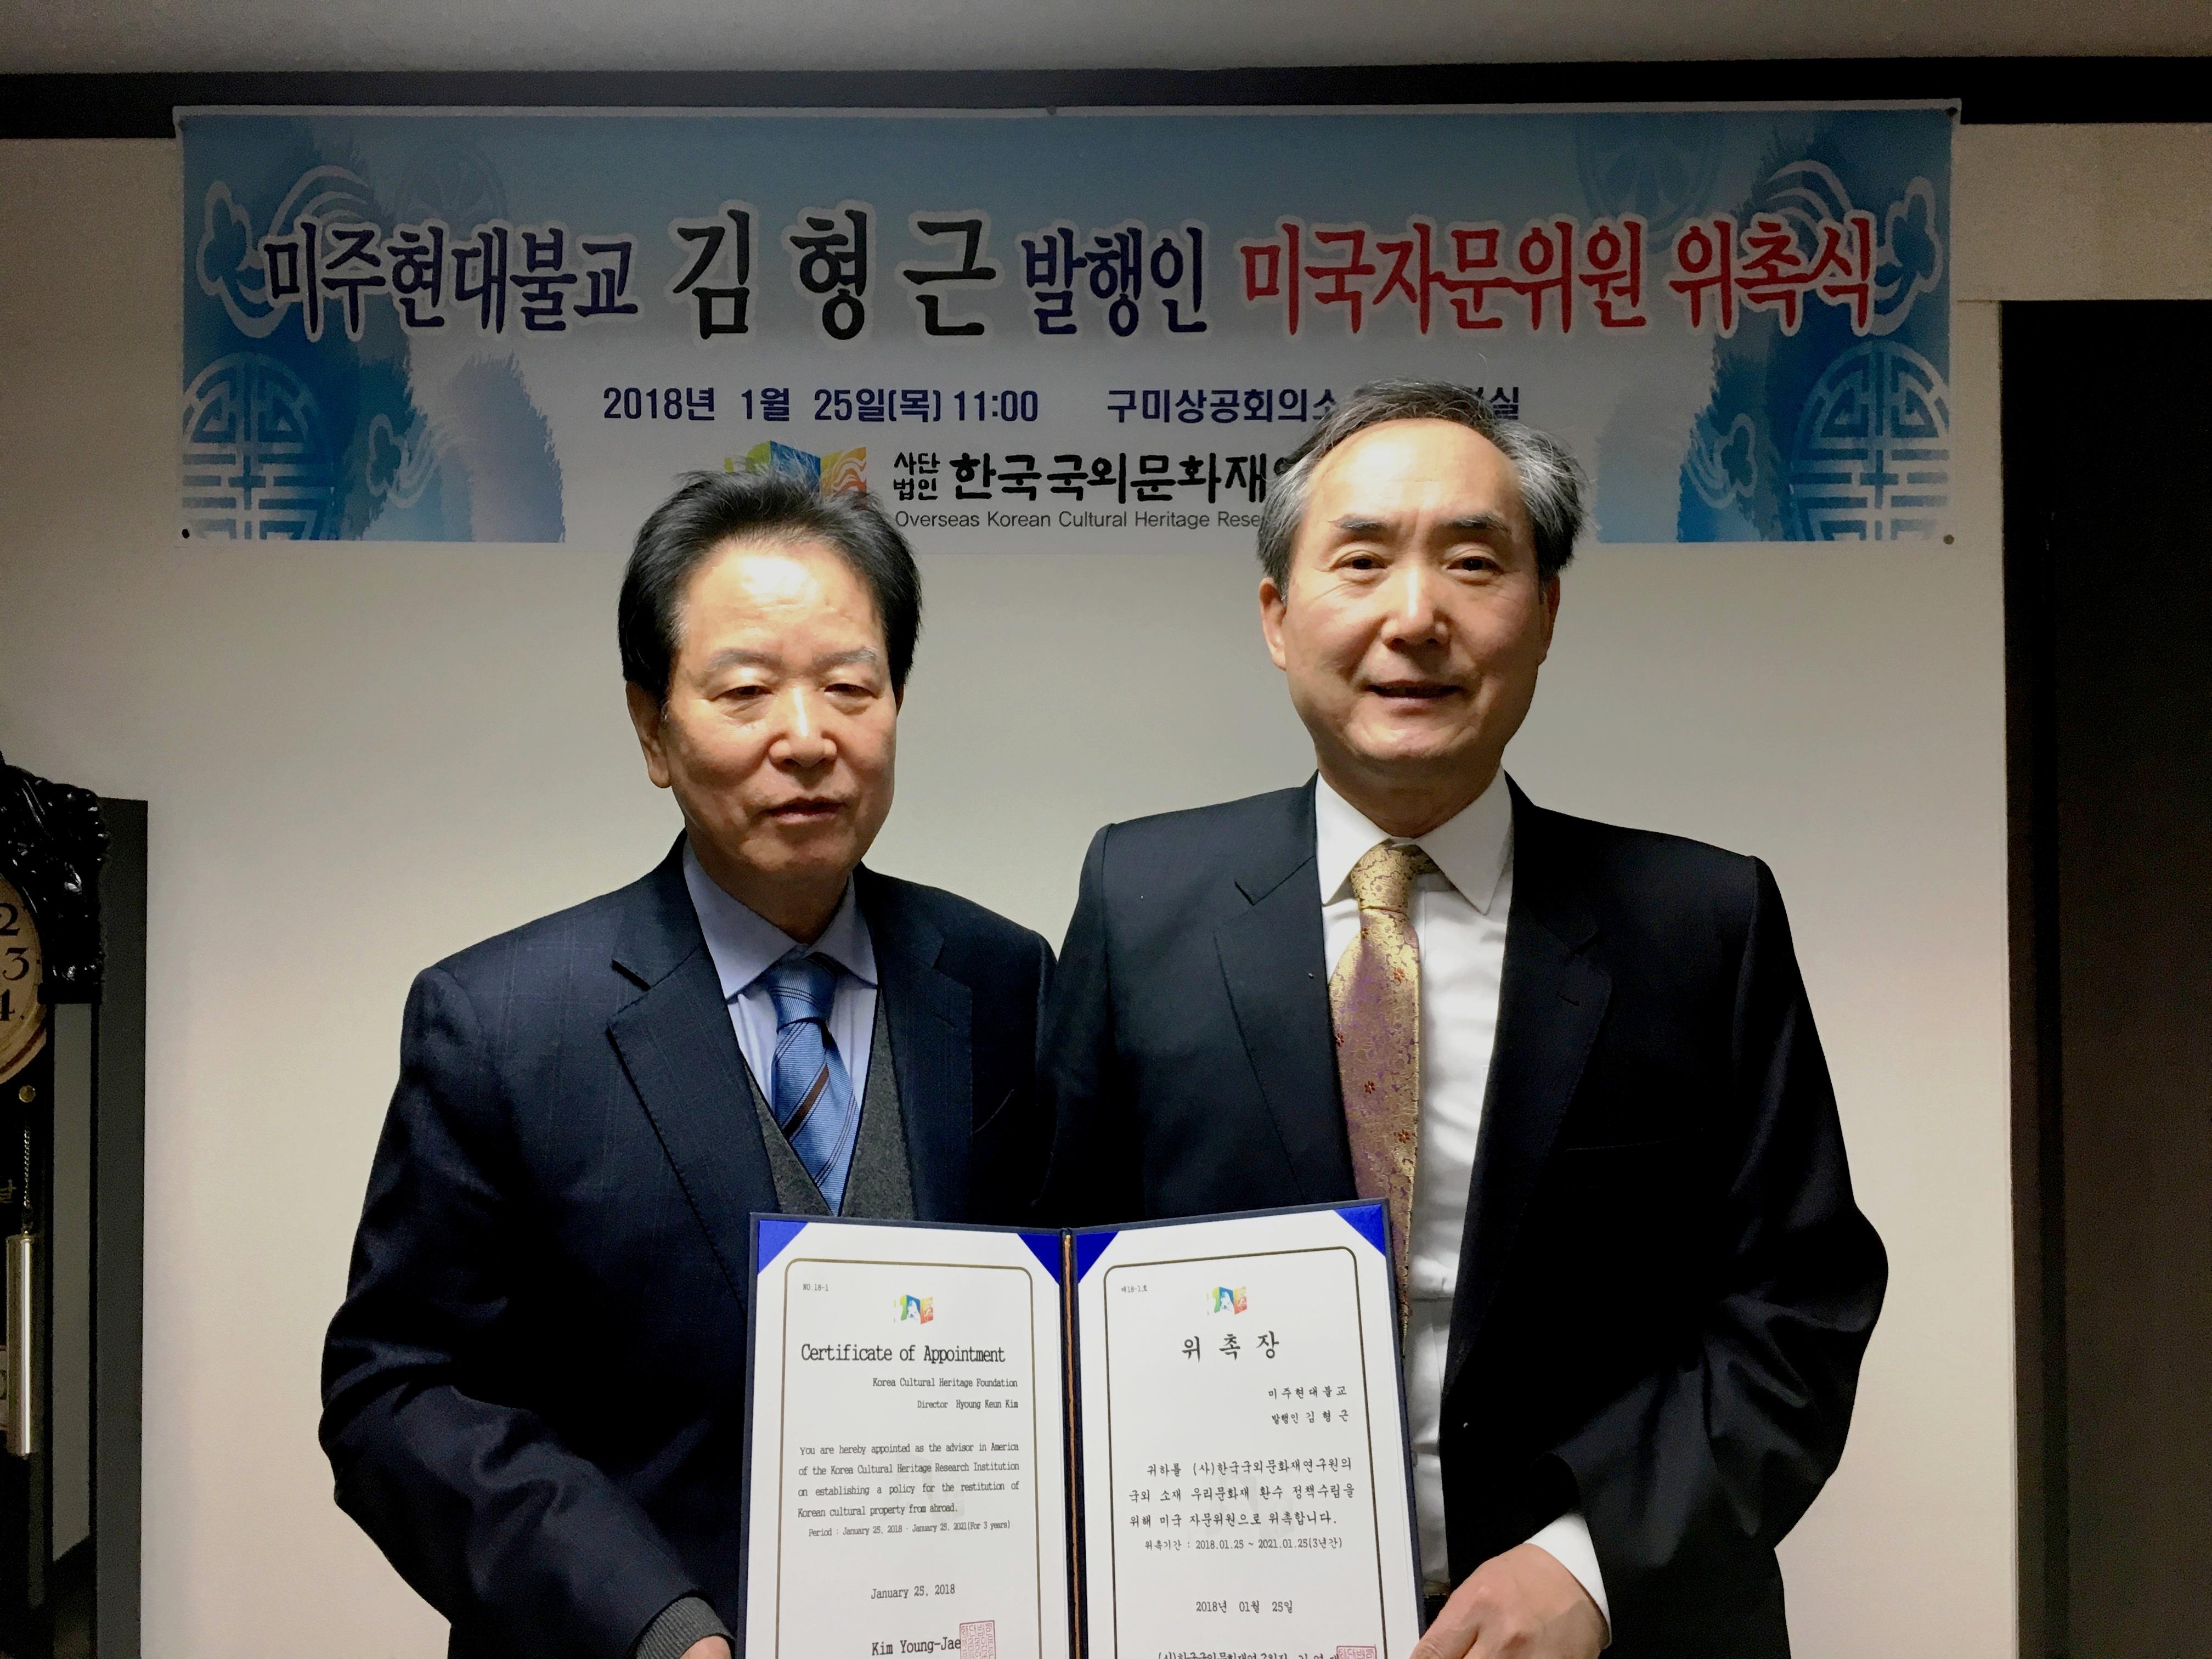 미주현대불교 김형근 발행인 미국자문위원 위촉식